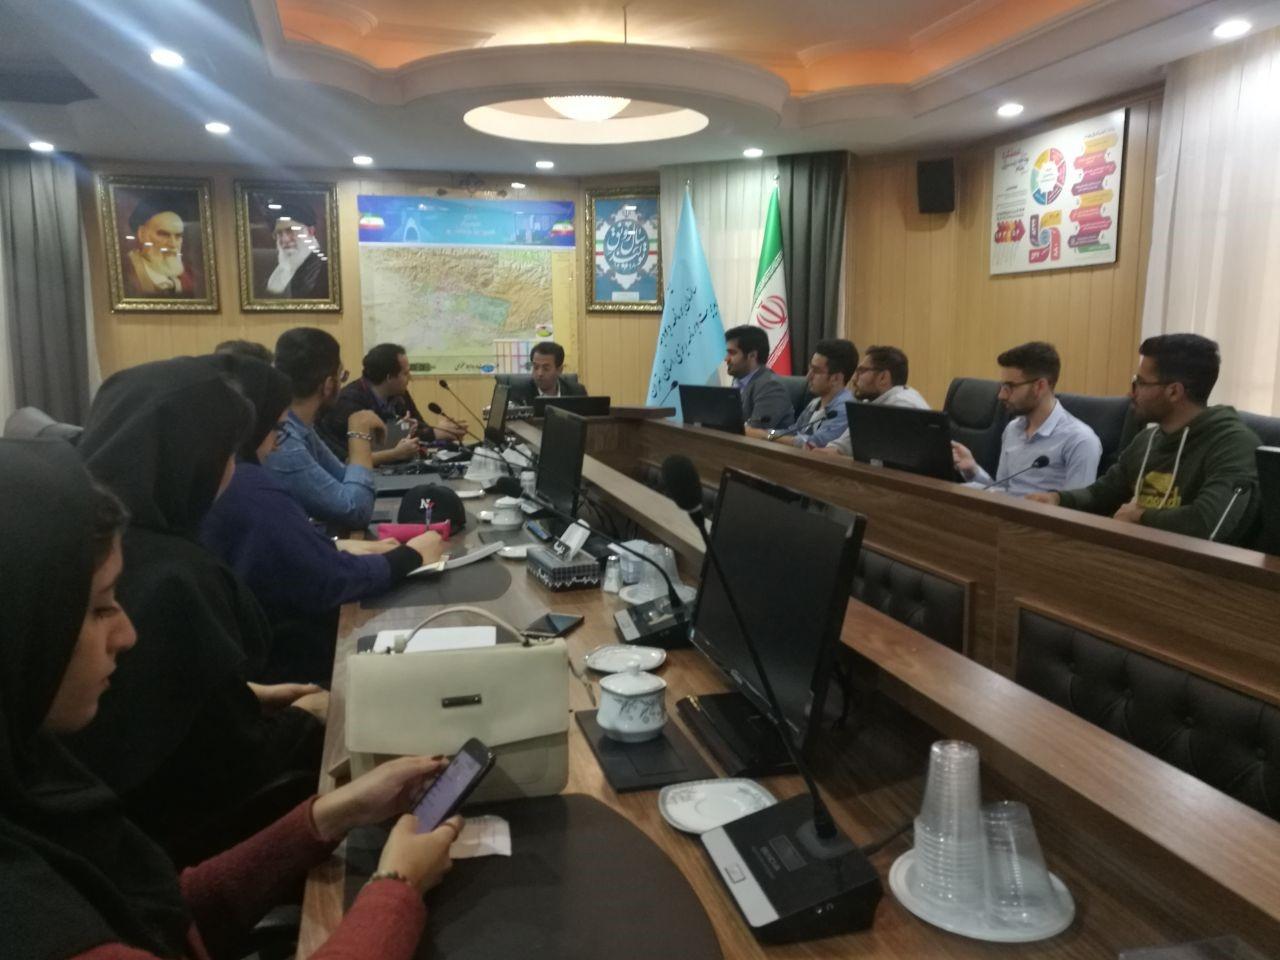 همکاری با سازمان برنامه و بودجه کشور و شهرداری تهران